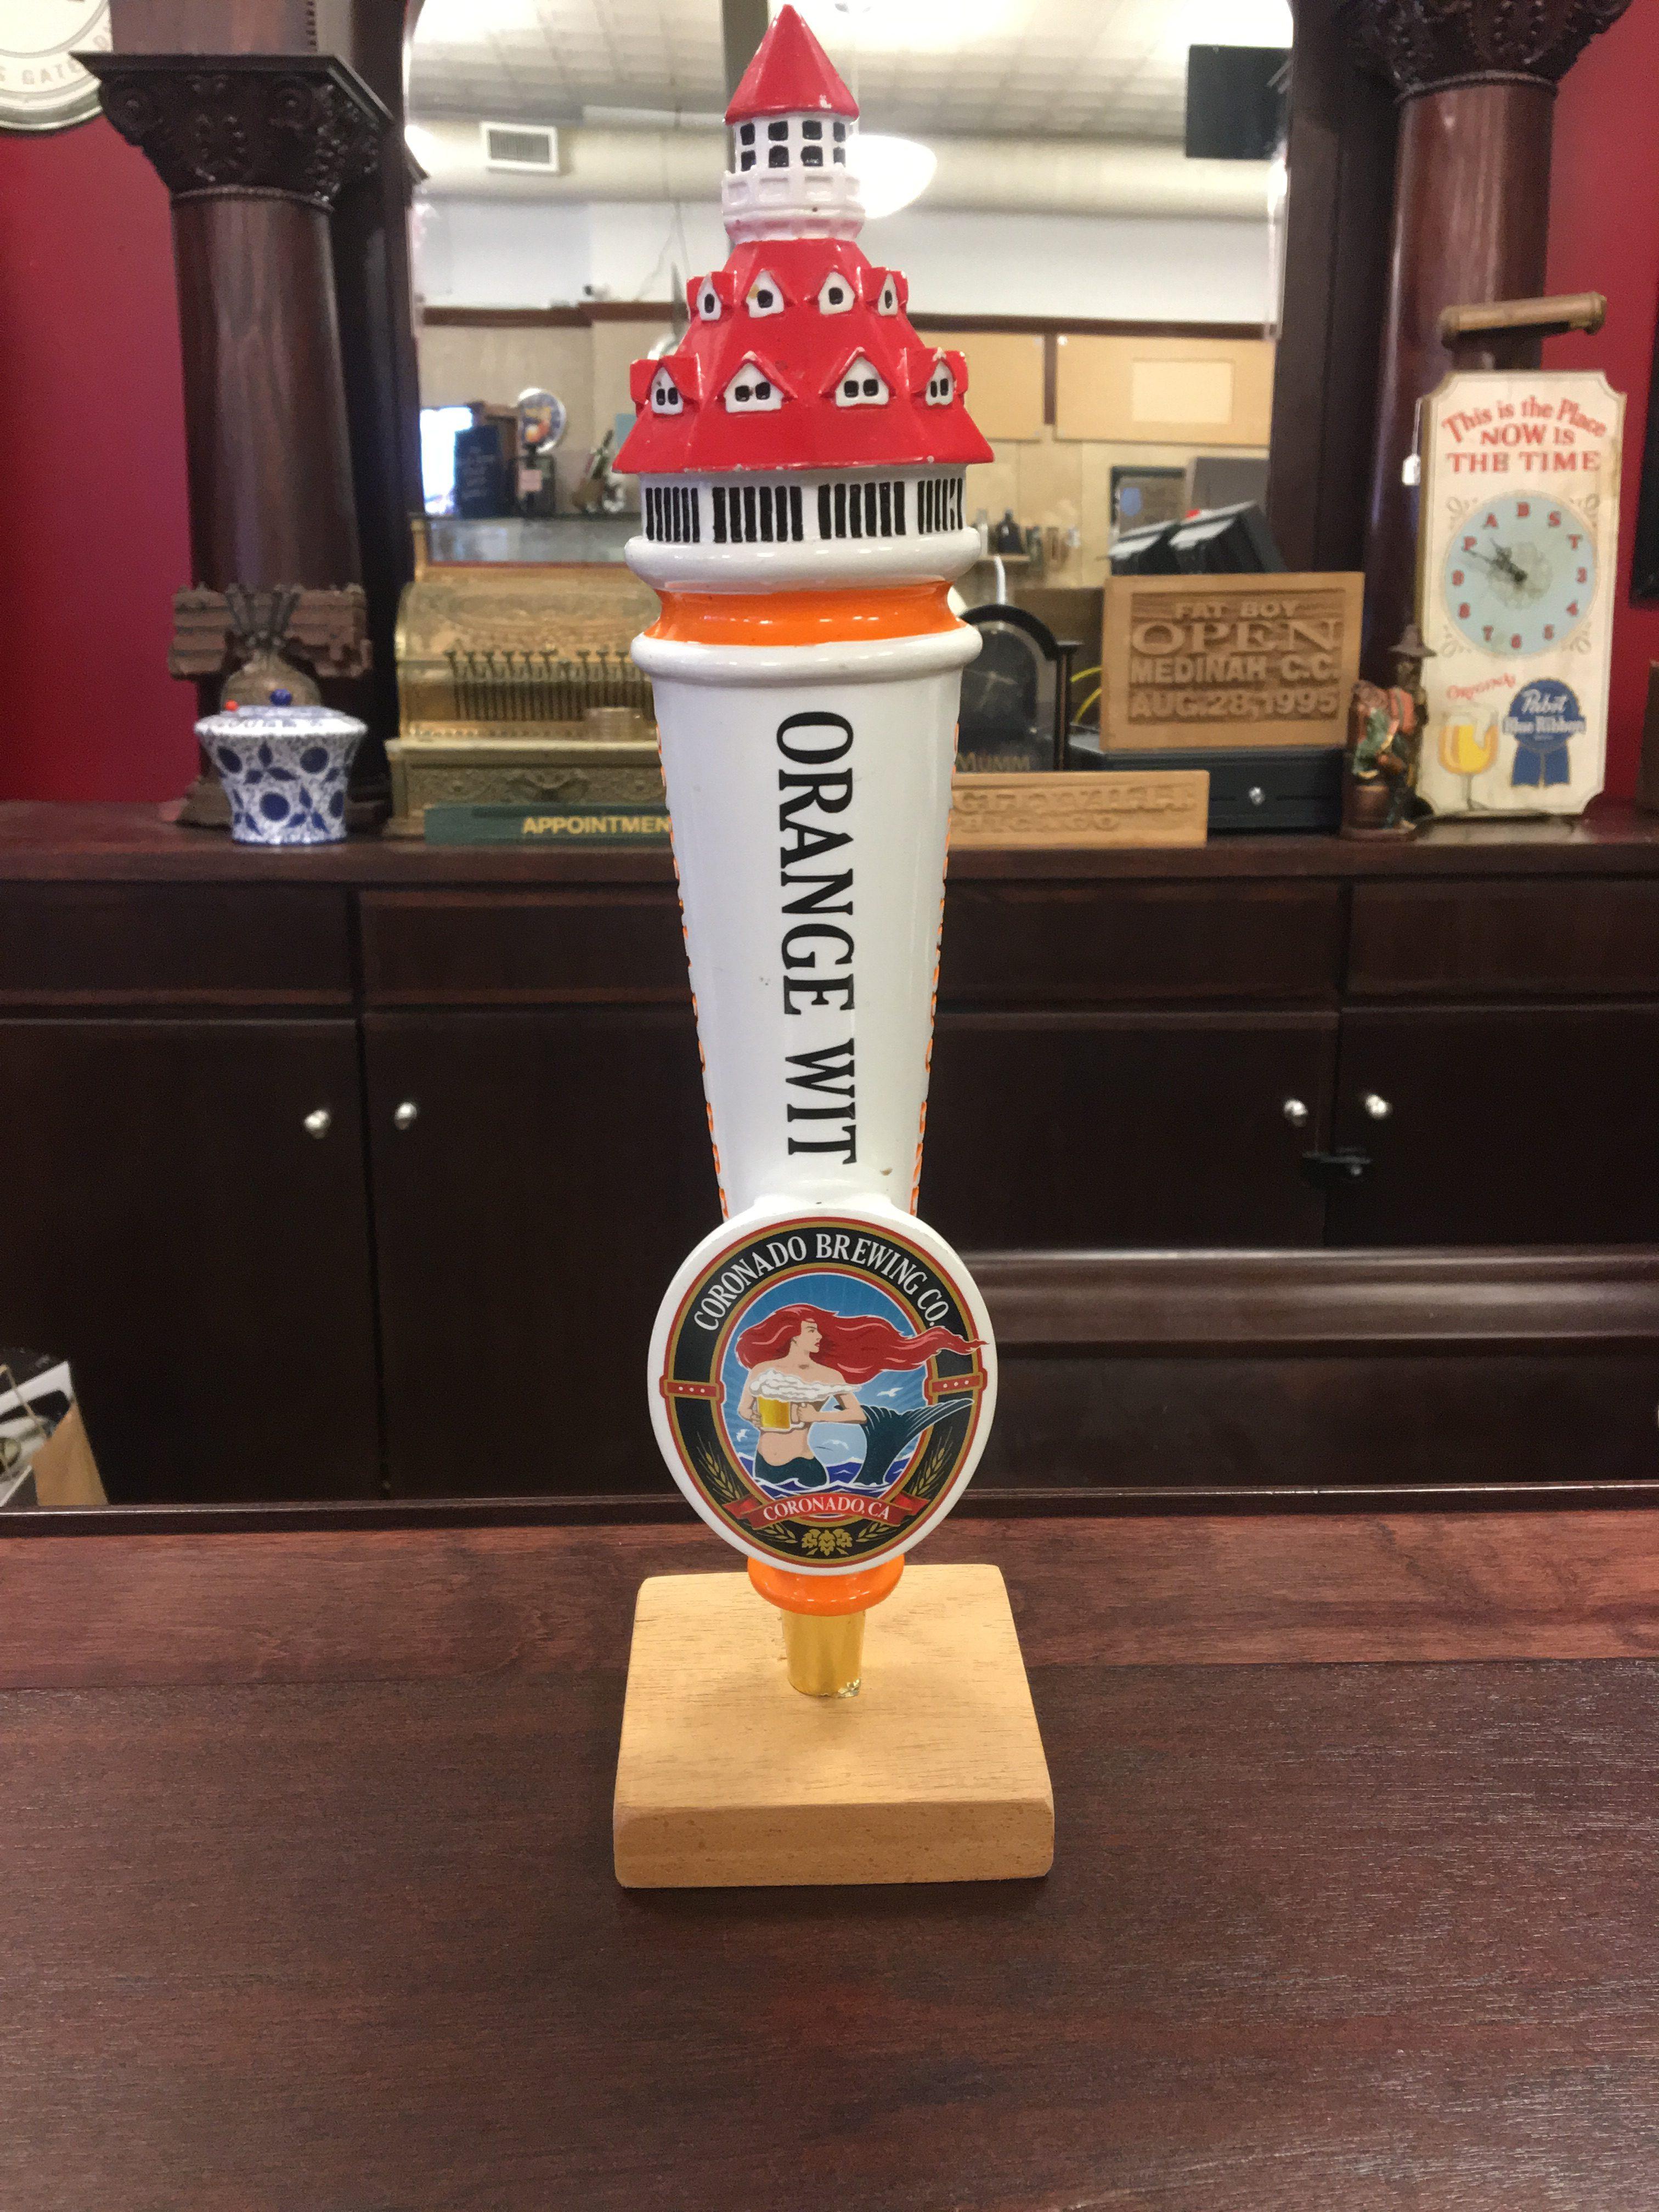 Photo Of Coronado Brewing Co' Tap Handle